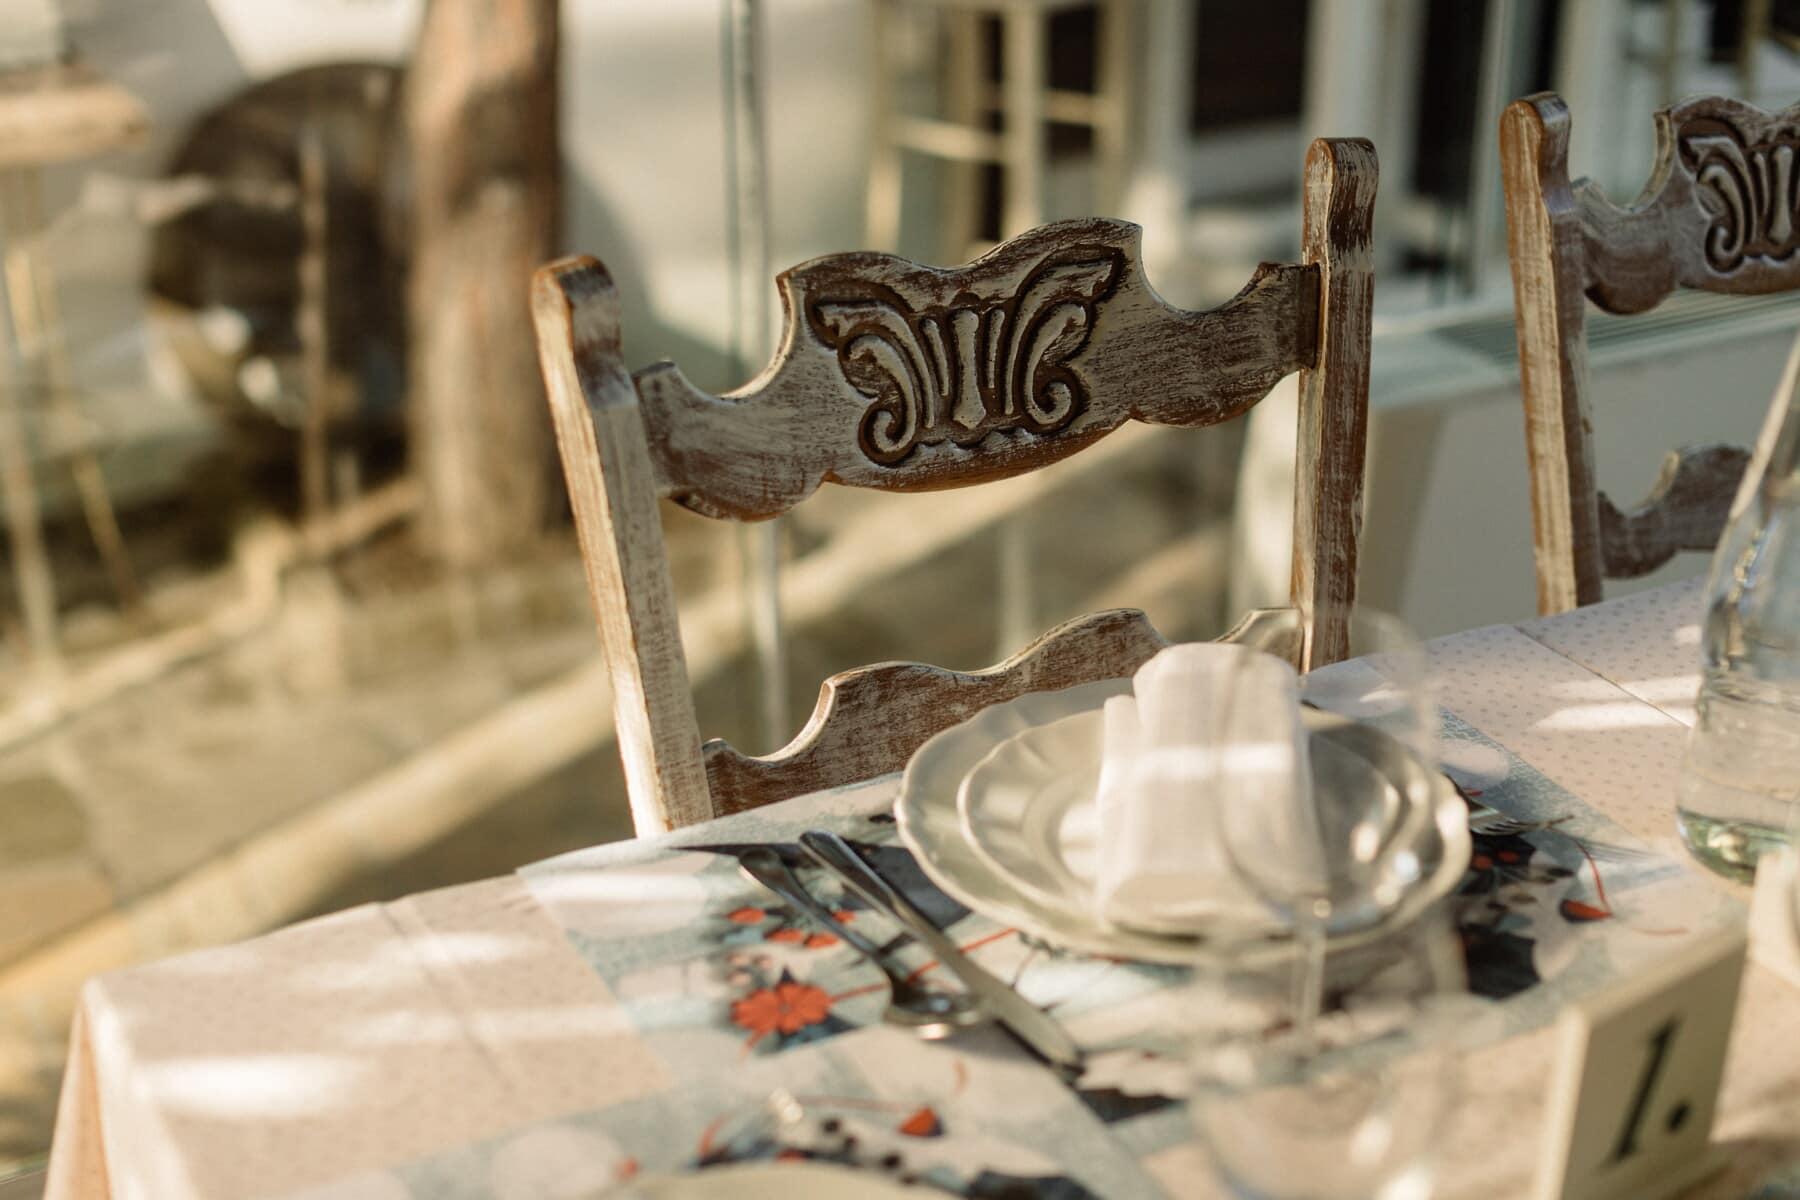 style ancien, chaises, vintage, en bois, sculptures, brun clair, fait main, à l'intérieur, meubles, vieux